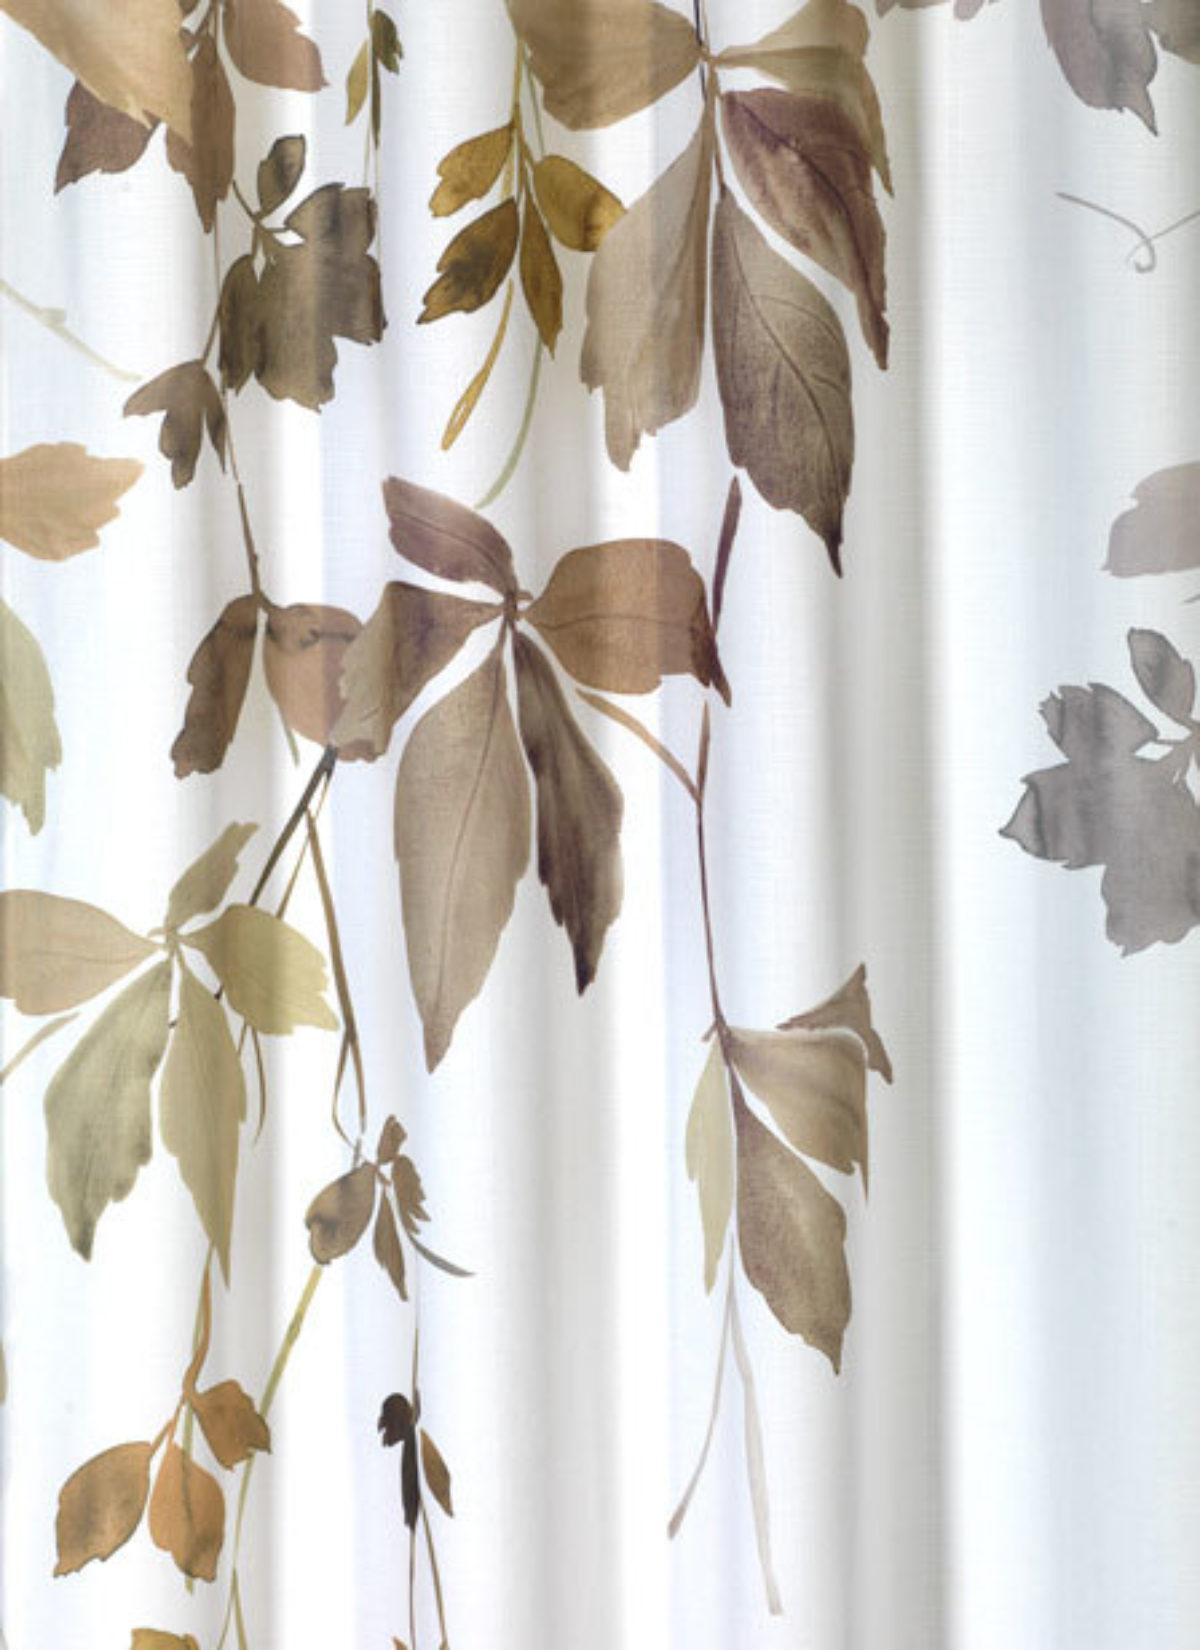 Kendix gordijnen in between vitrage stoffen collectie 0119450003 botanical rank u 03 sfeer